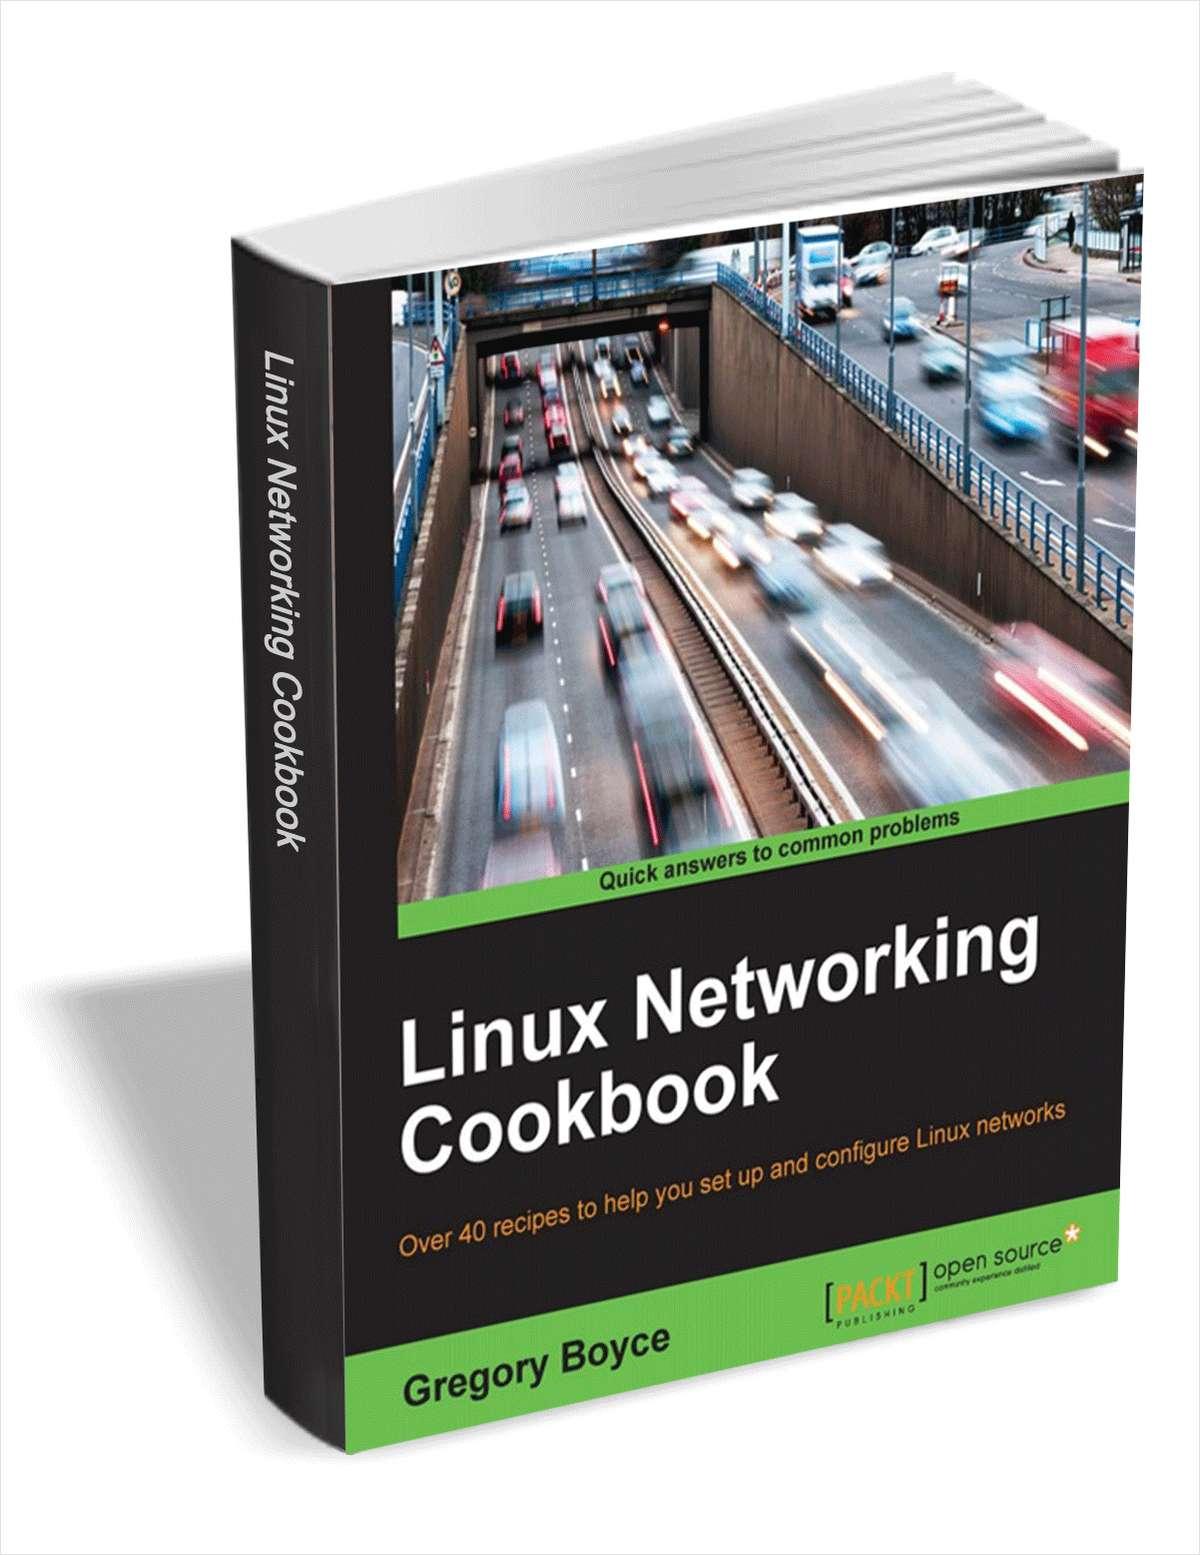 แจกหนังสือ Linux Networking Cookbook [ราคาขายตั้ง $17 เลยนะ]